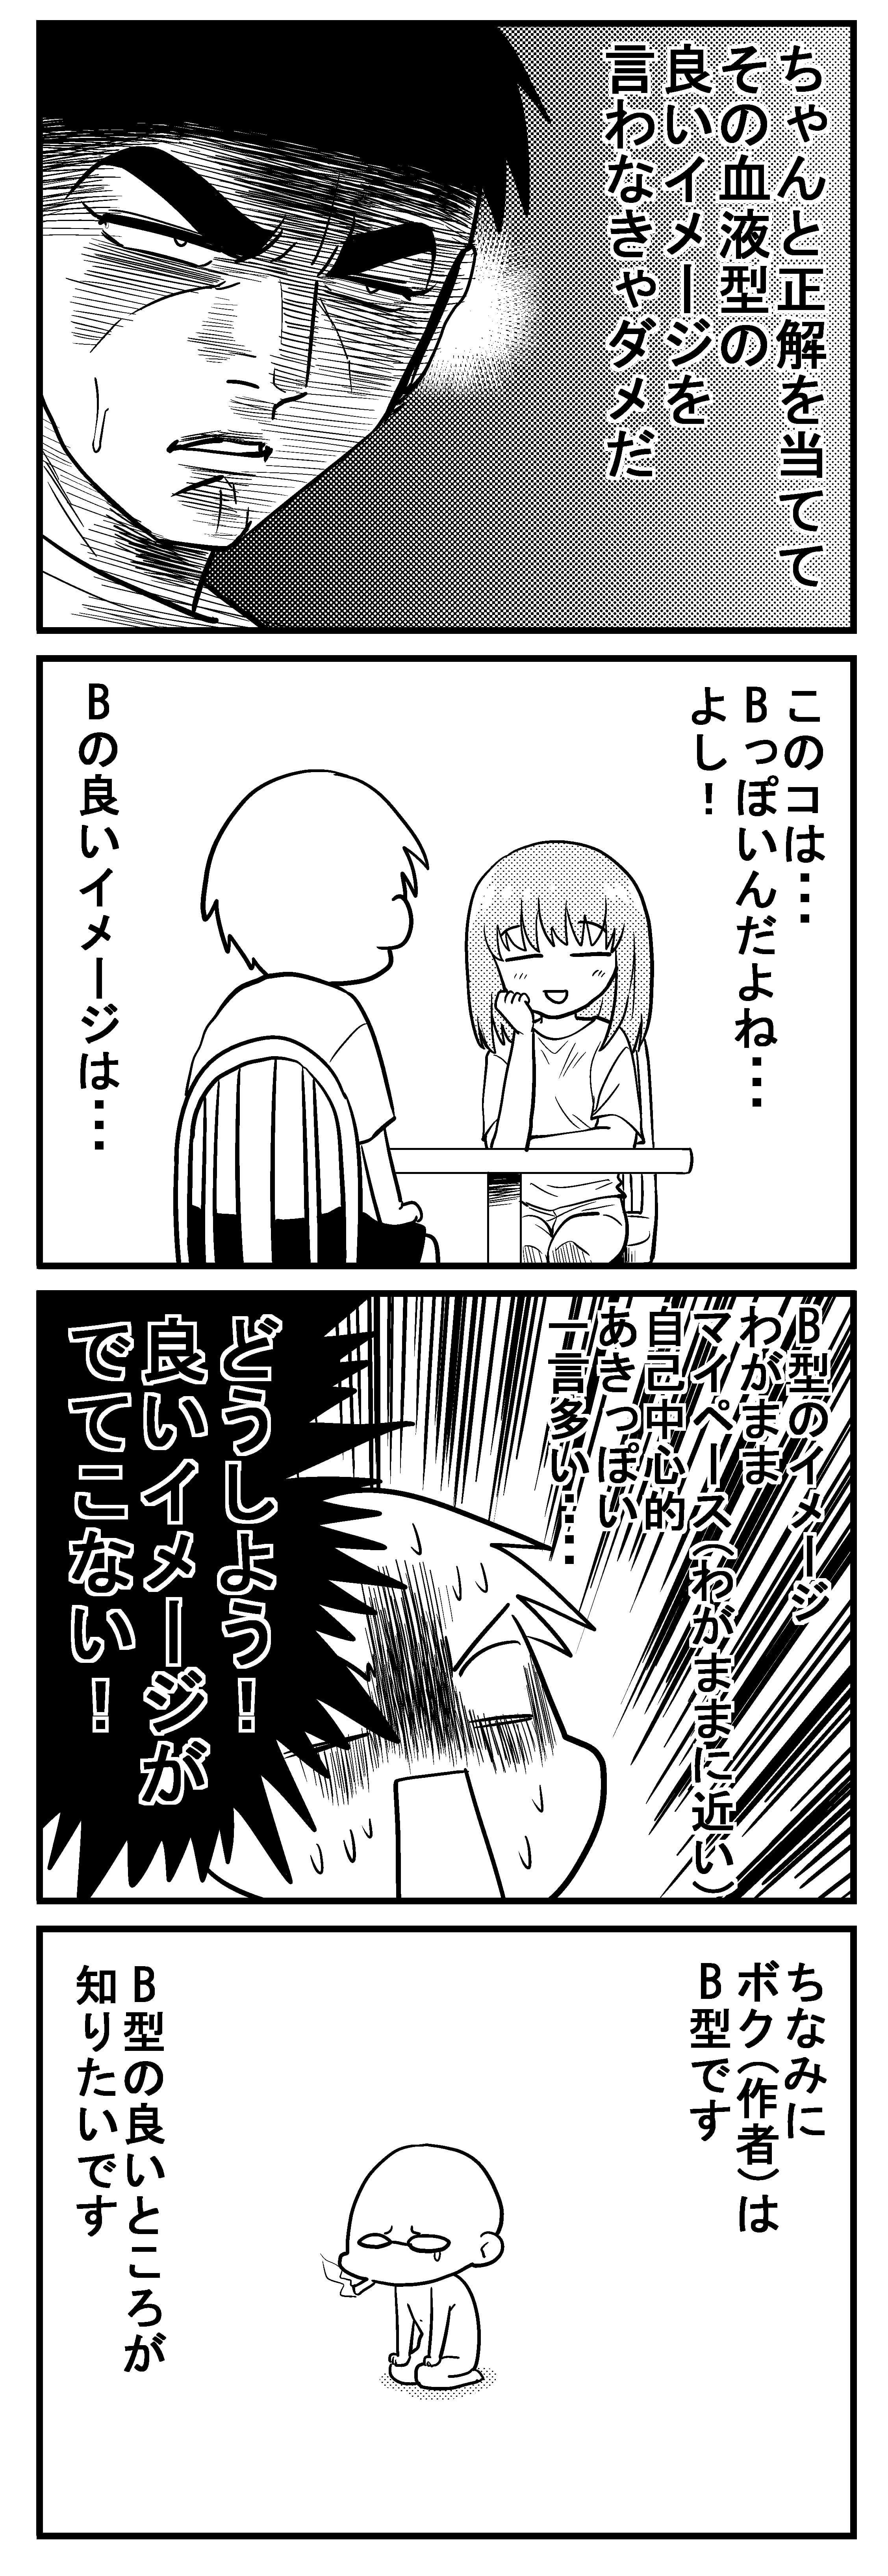 深読みくん4 (1)